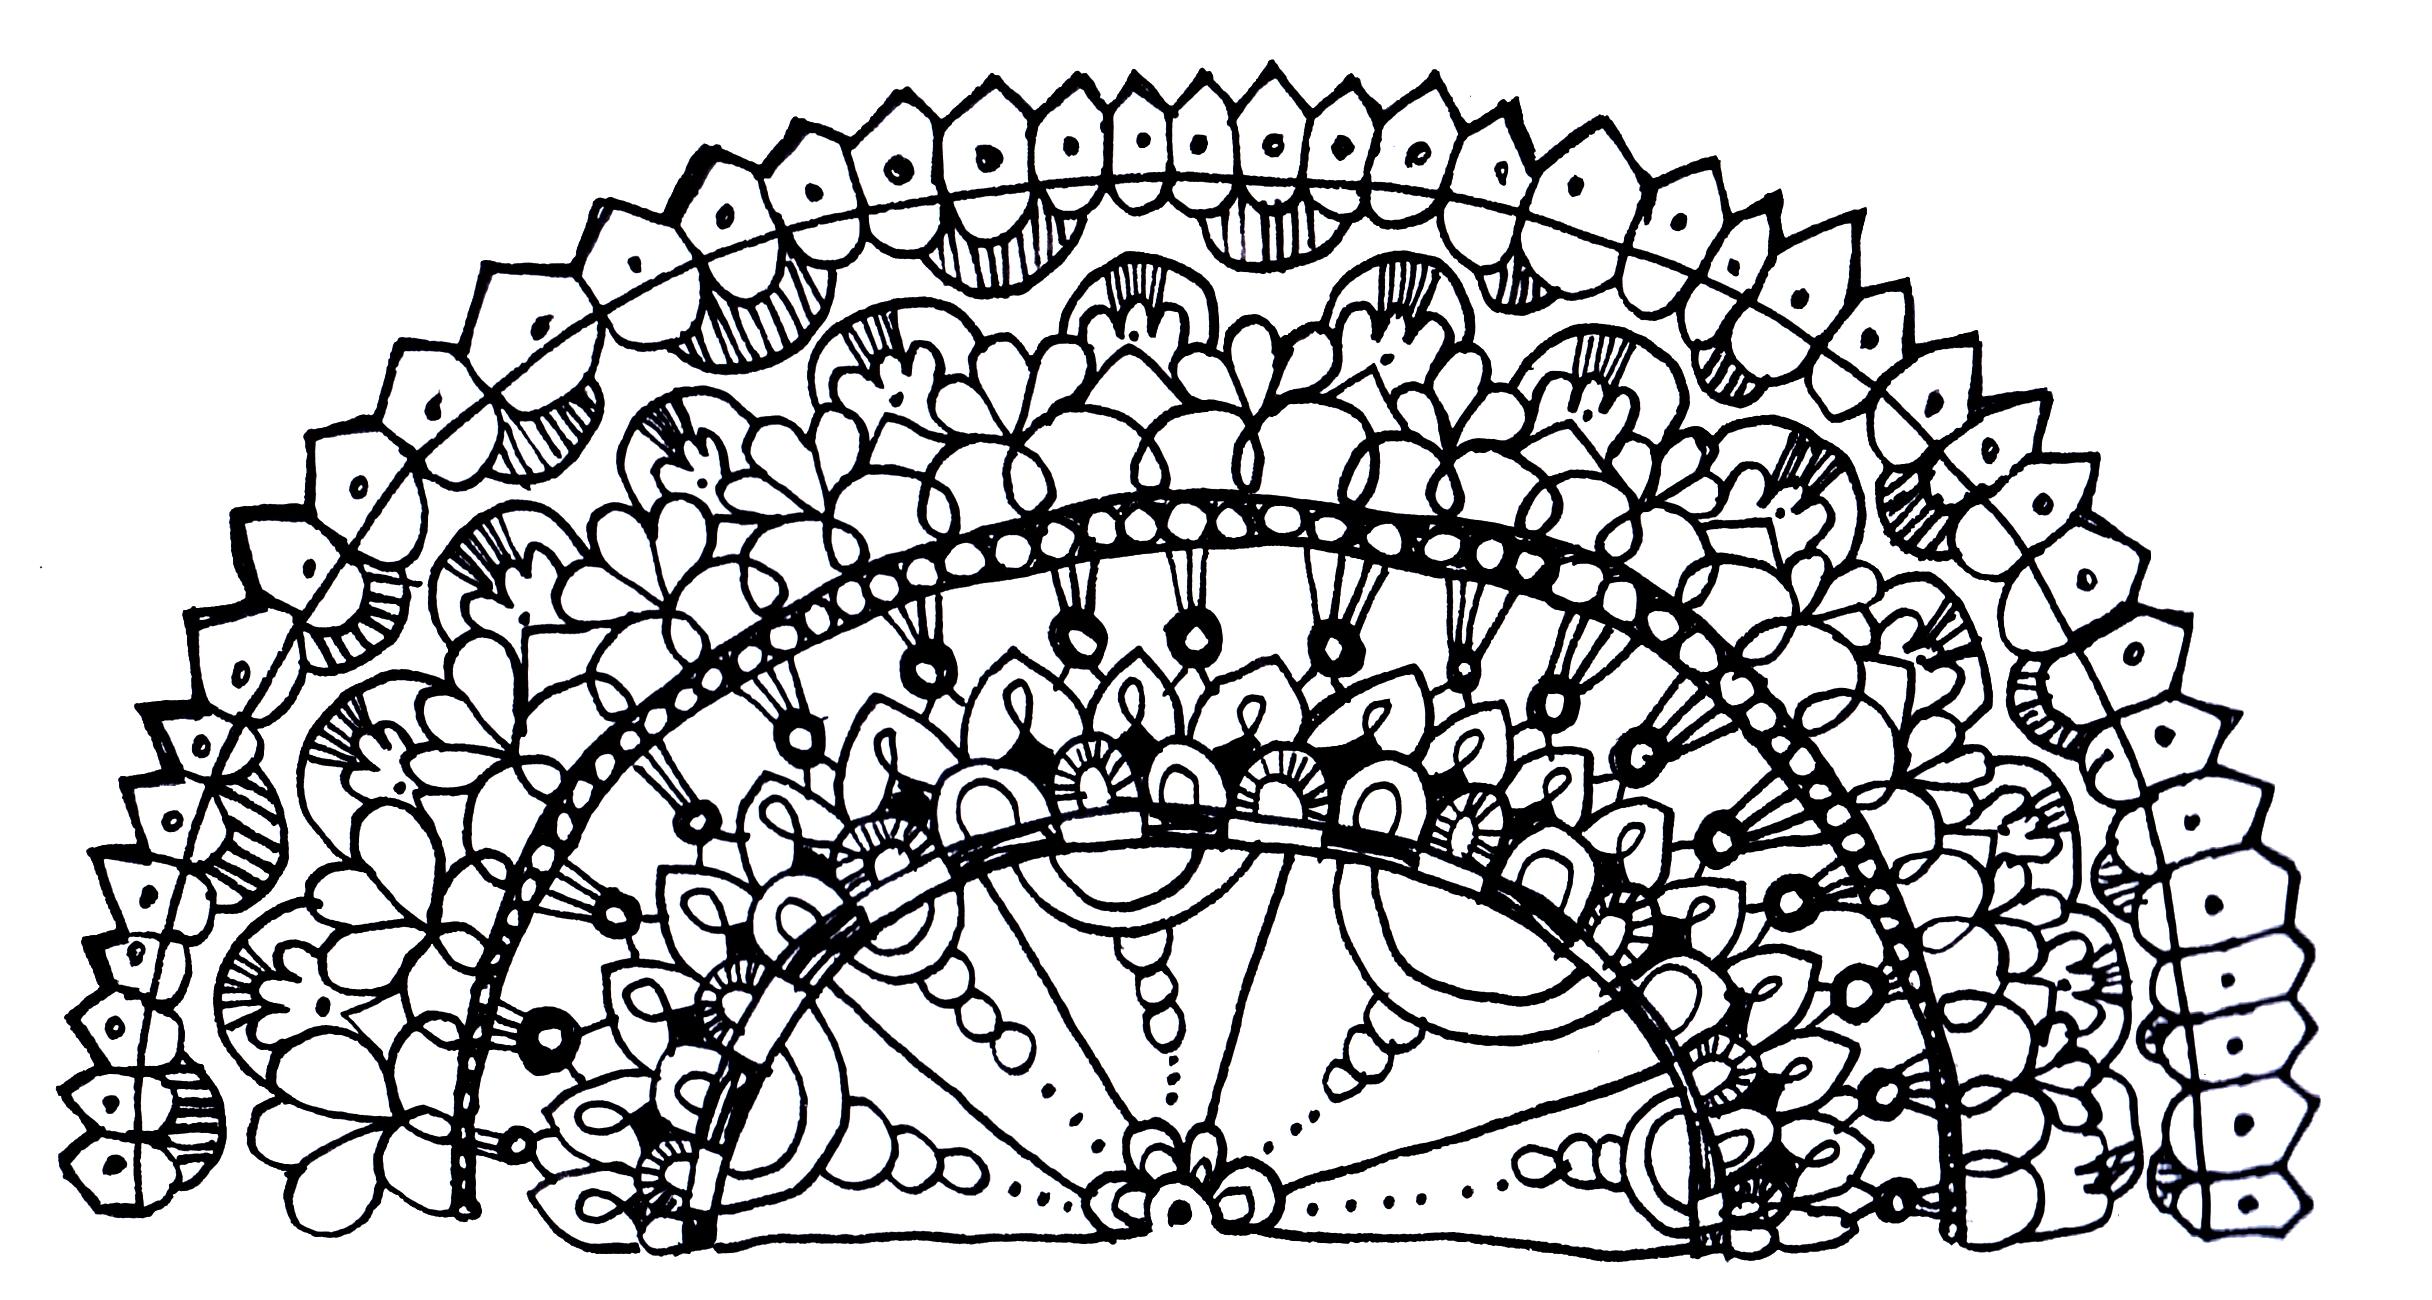 mandala copy 2.jpg